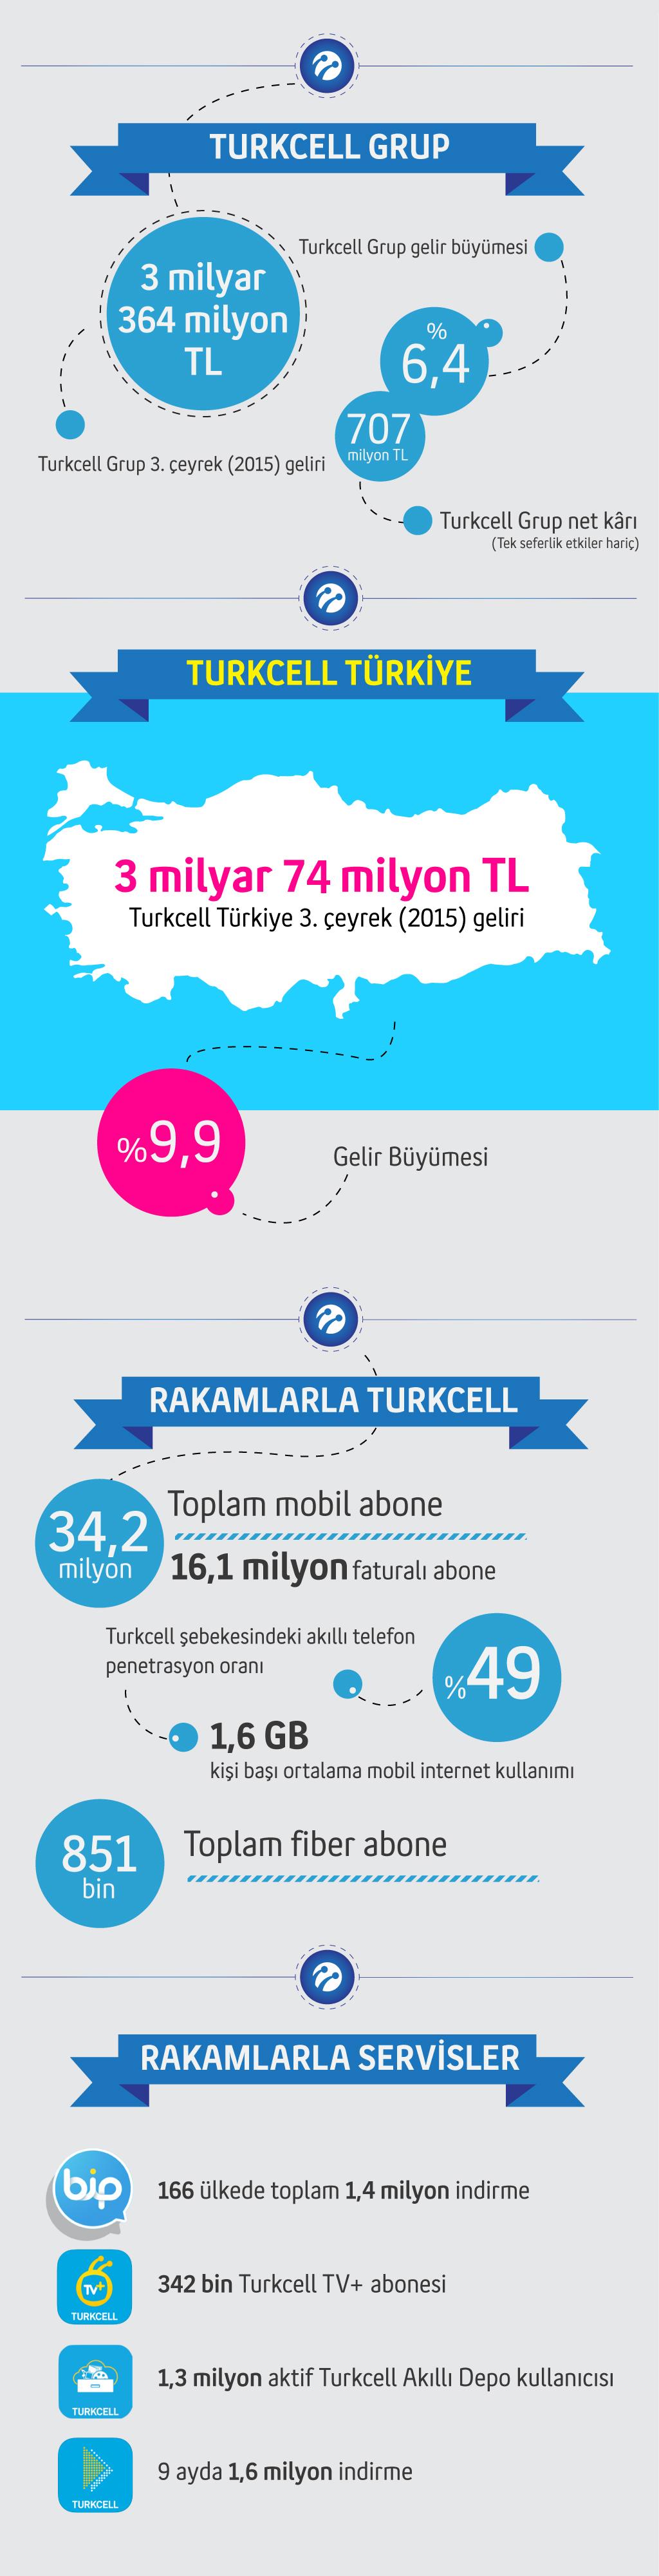 turkcell_q3_info